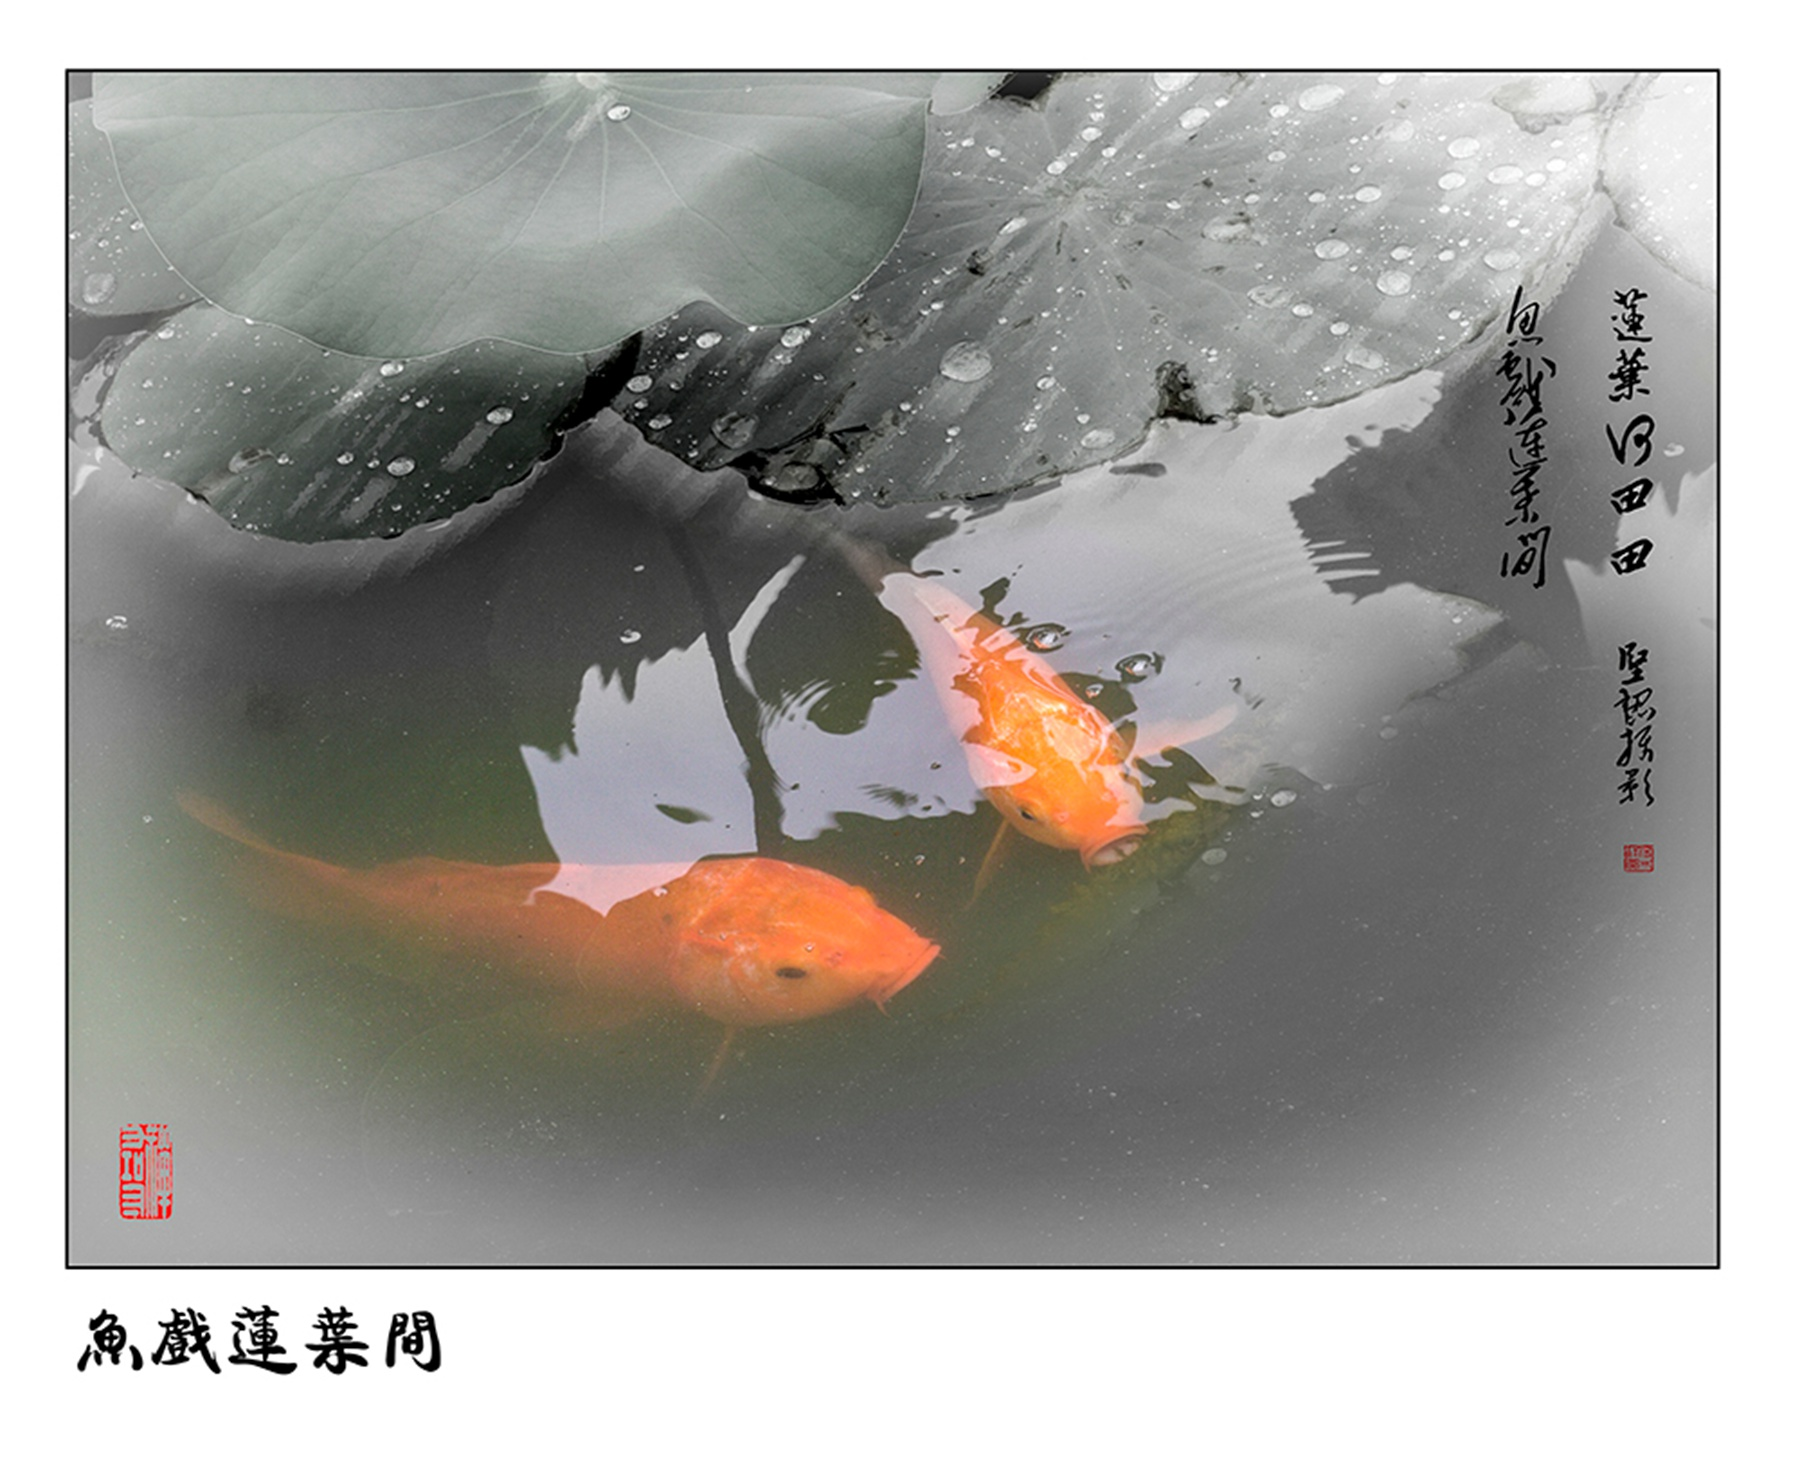 汤井祥15189590938.jpg